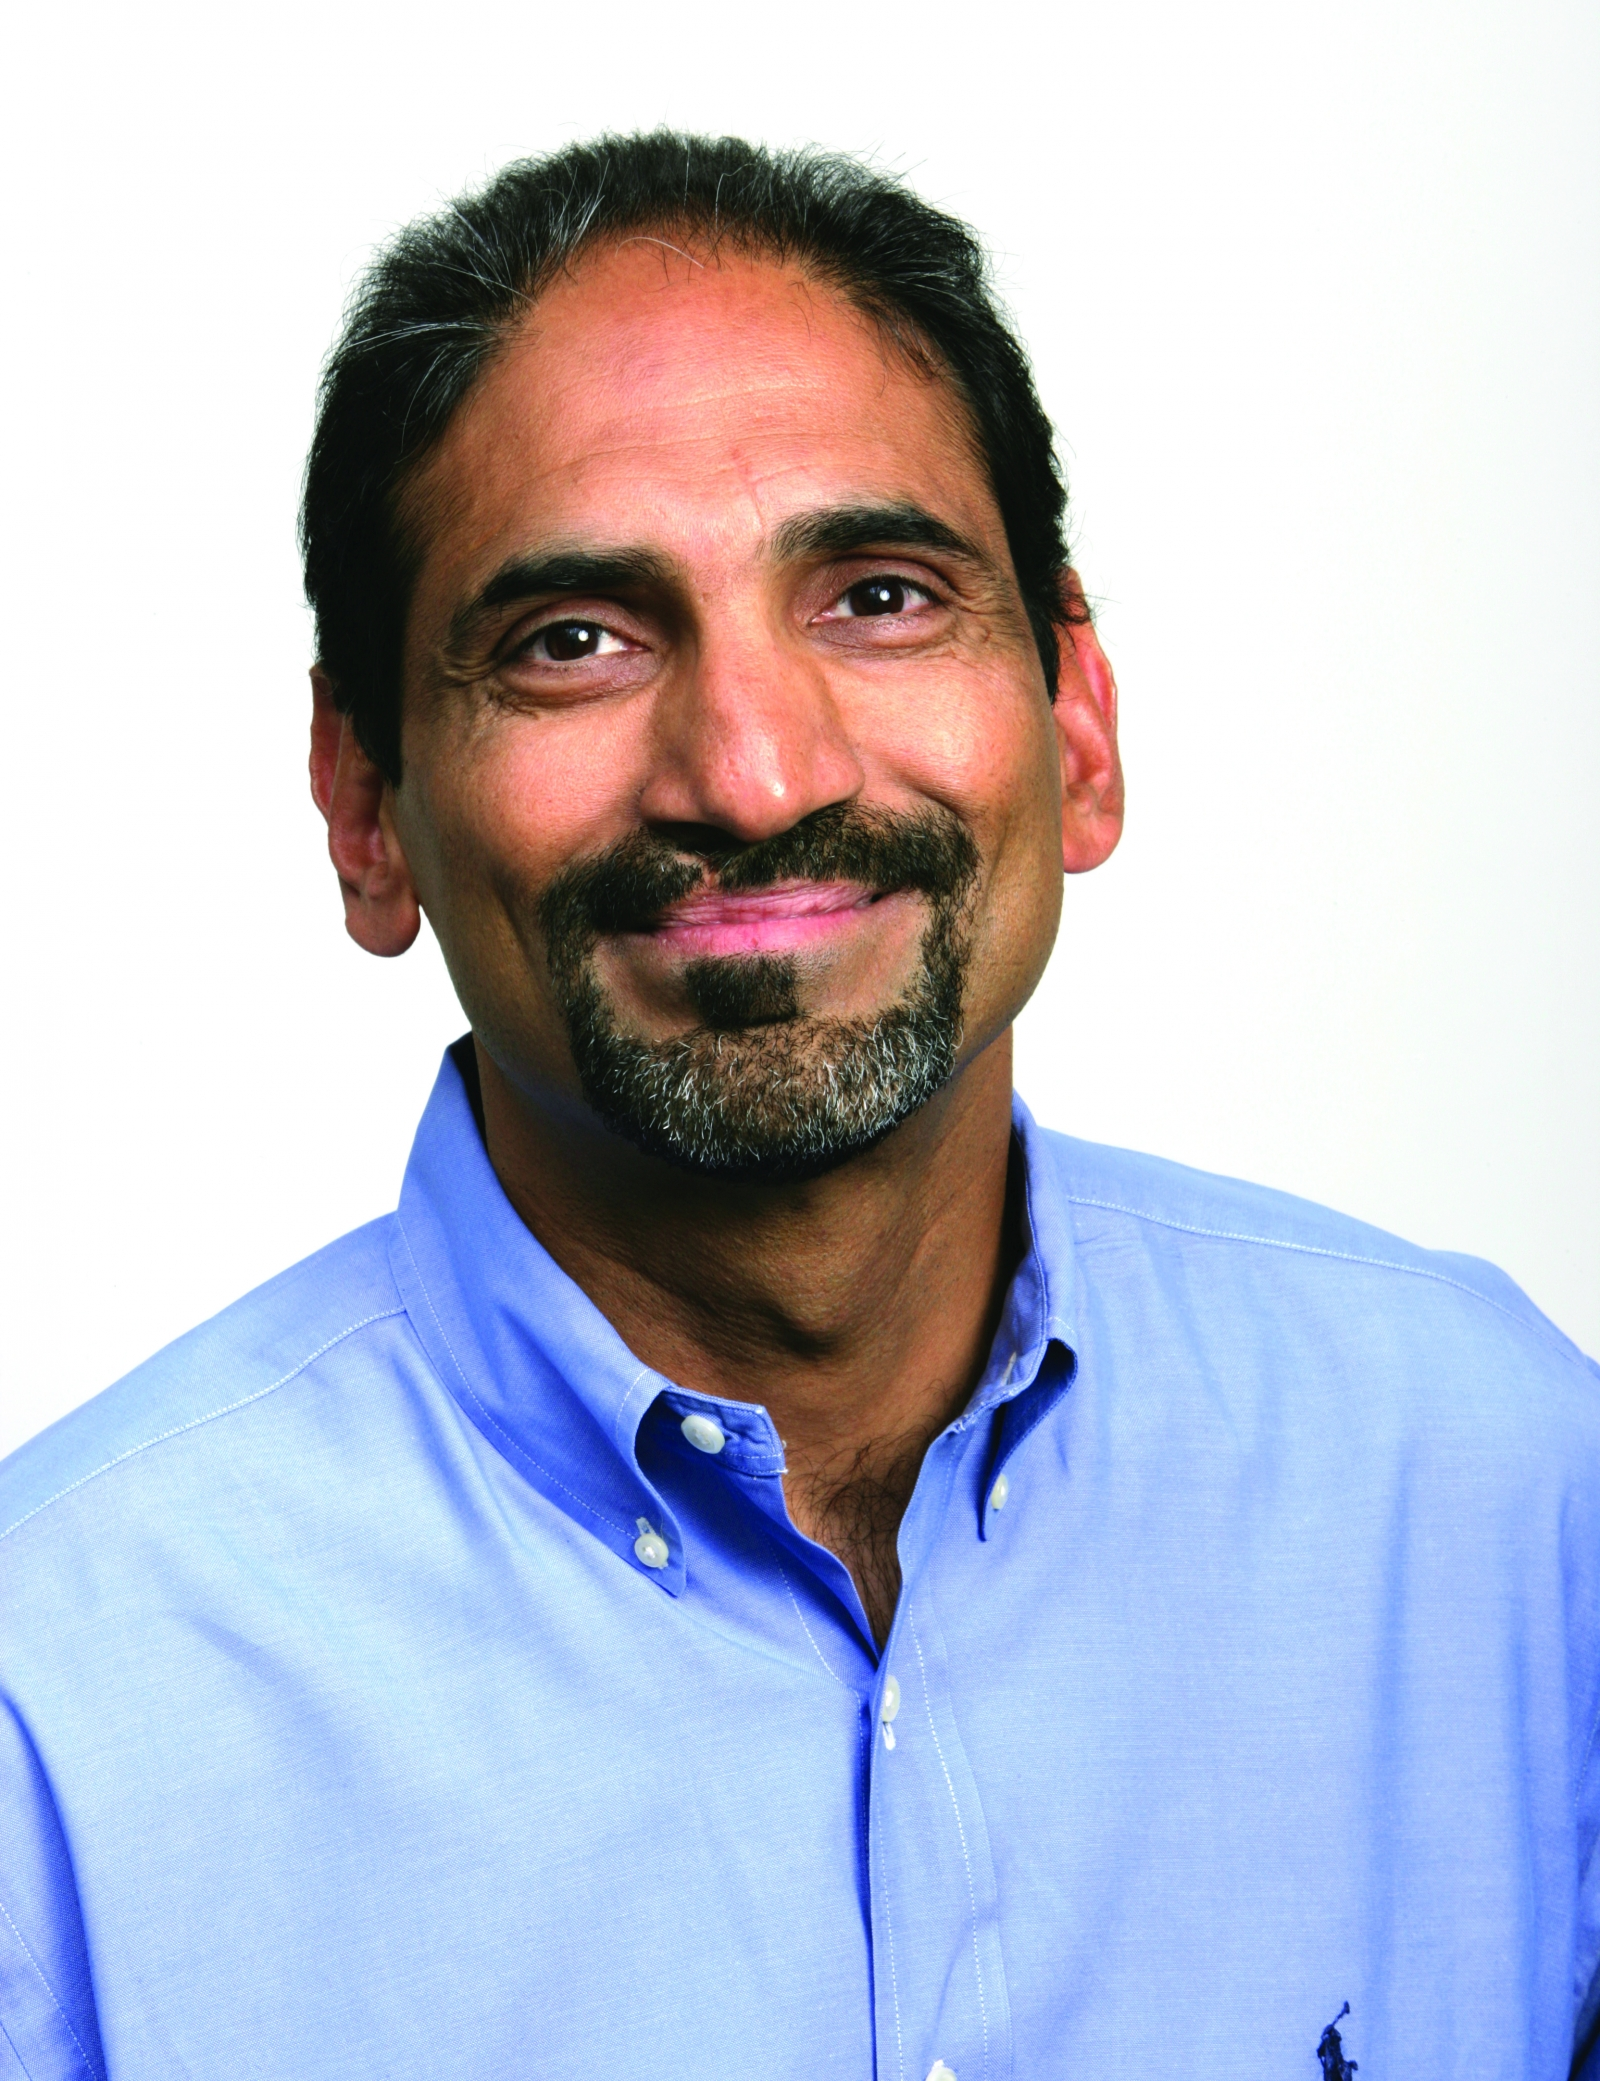 Kailash Ambwani